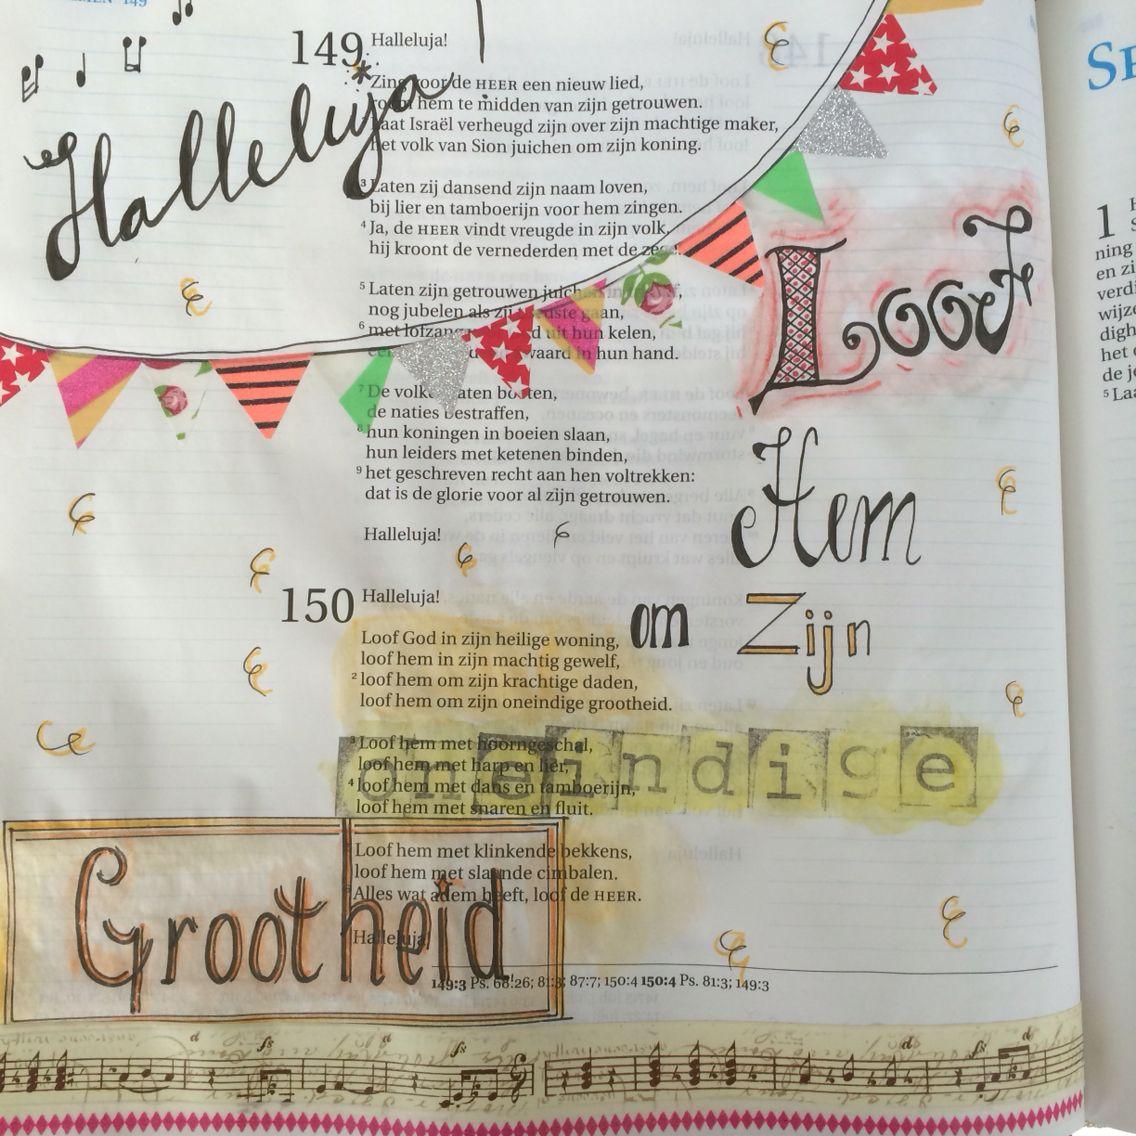 Psalm150 Loof Hem om zijn oneindige grootheid Bijbeljournaling Biblejournaling Craftbijbel  Handlettering